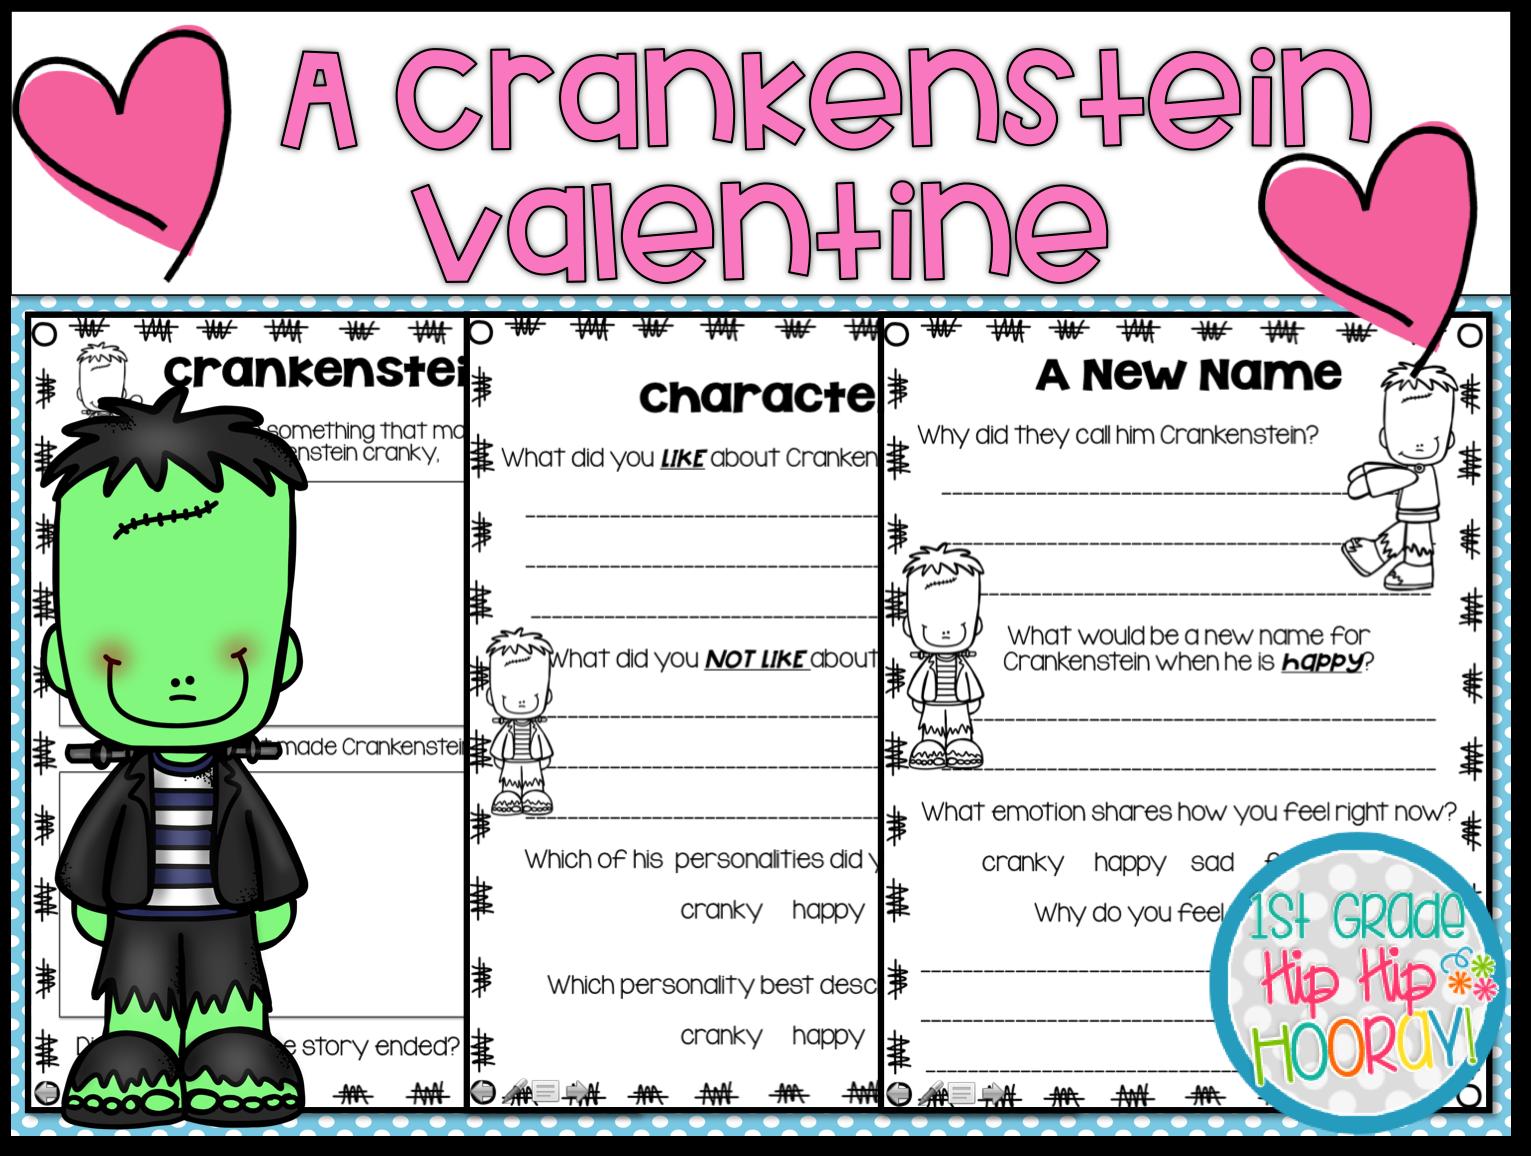 1st Grade Hip Hip Hooray A Crankenstein Valentine Afts And Activities